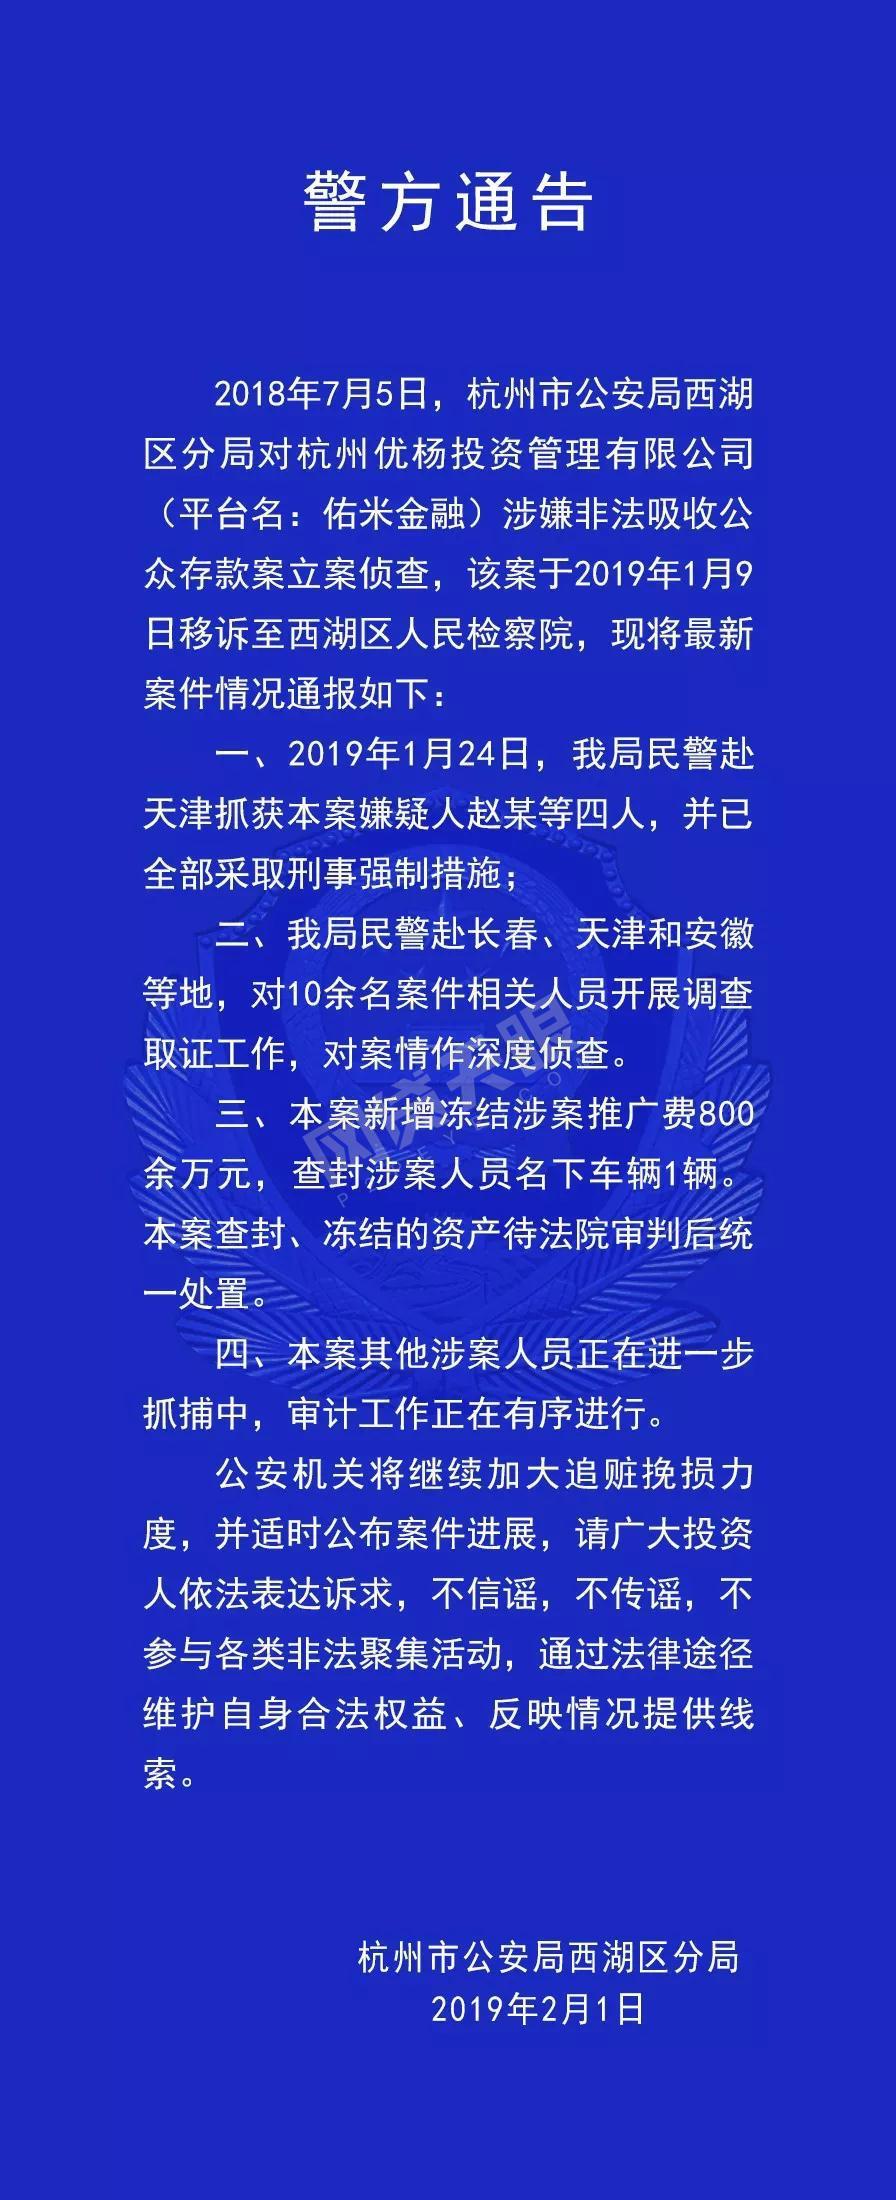 杭州通报聚富蛙等四平台案件进展 冻结扣押资金4000余万3